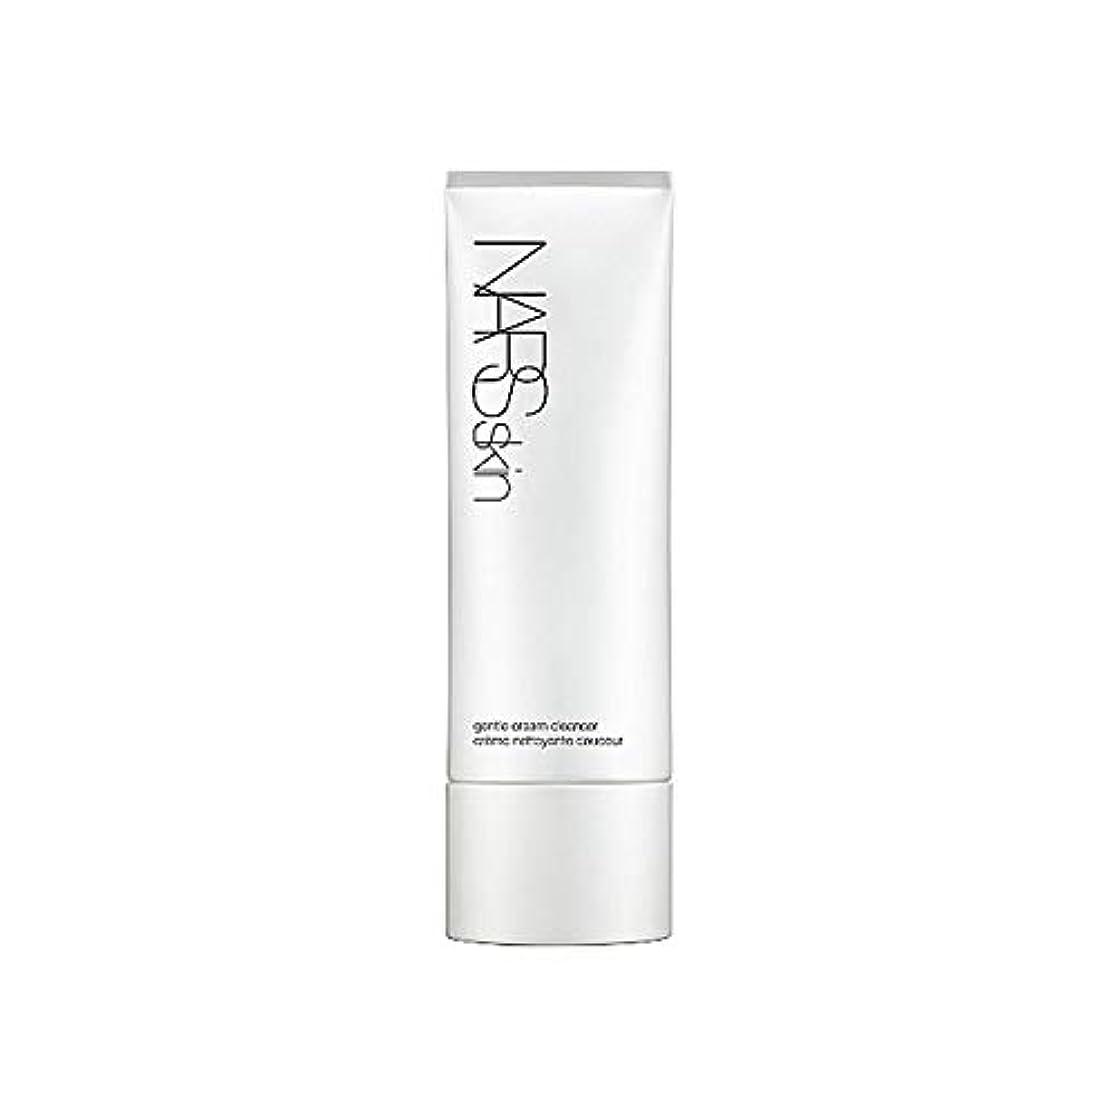 幸運な流体膜[Nars] Narは優しいクリームクレンザー125ミリリットル - Nars Gentle Cream Cleanser 125ml [並行輸入品]